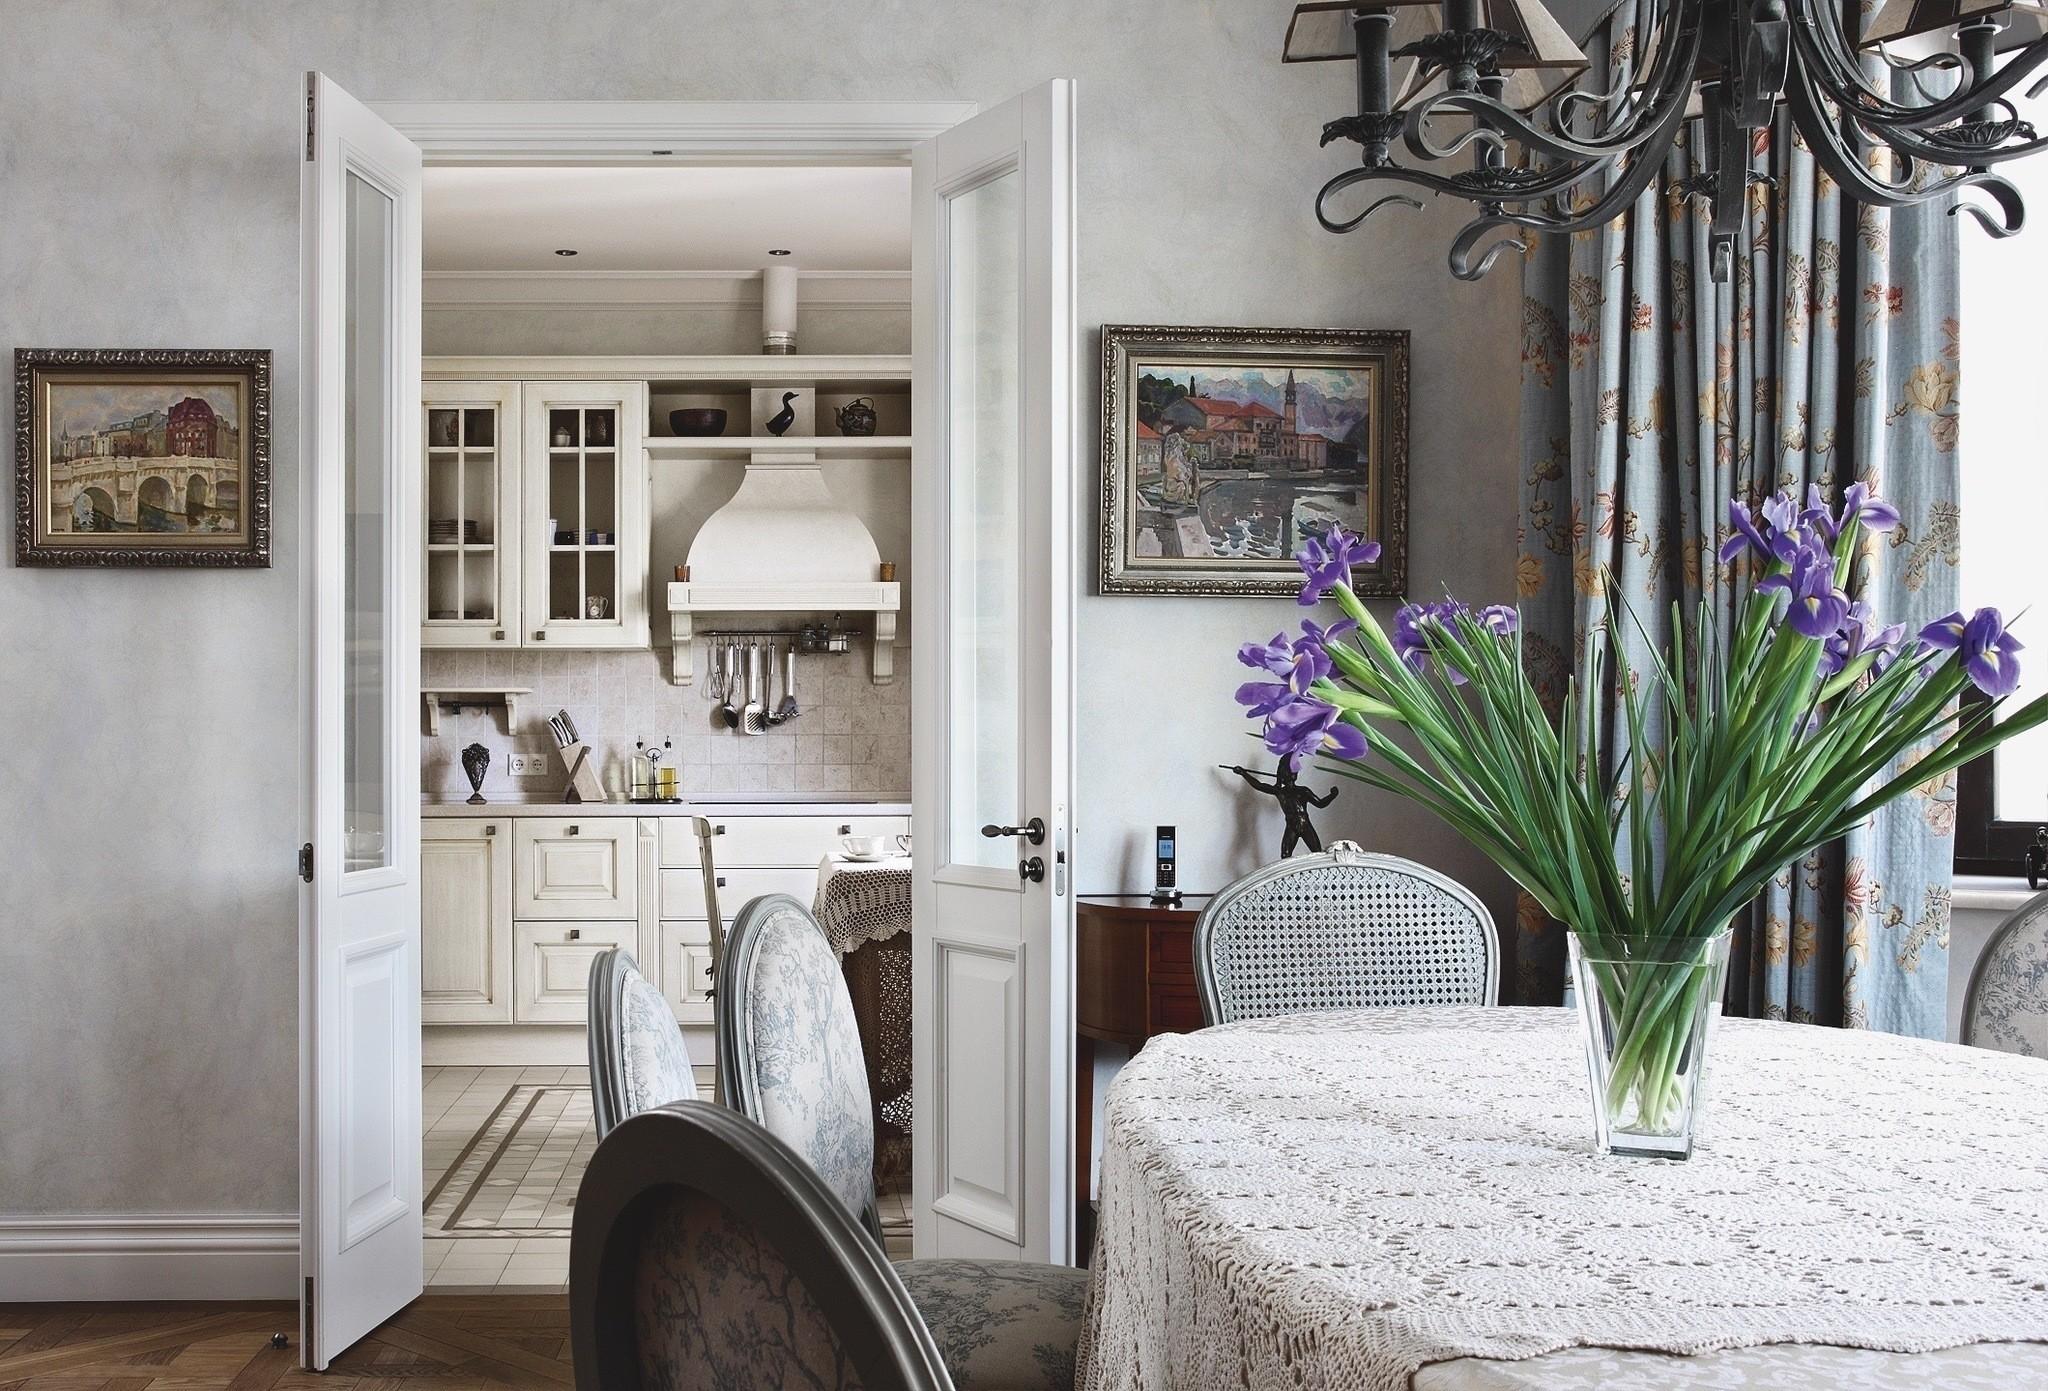 Выбираем кухонные двери: на что обращать внимание (25 фото)